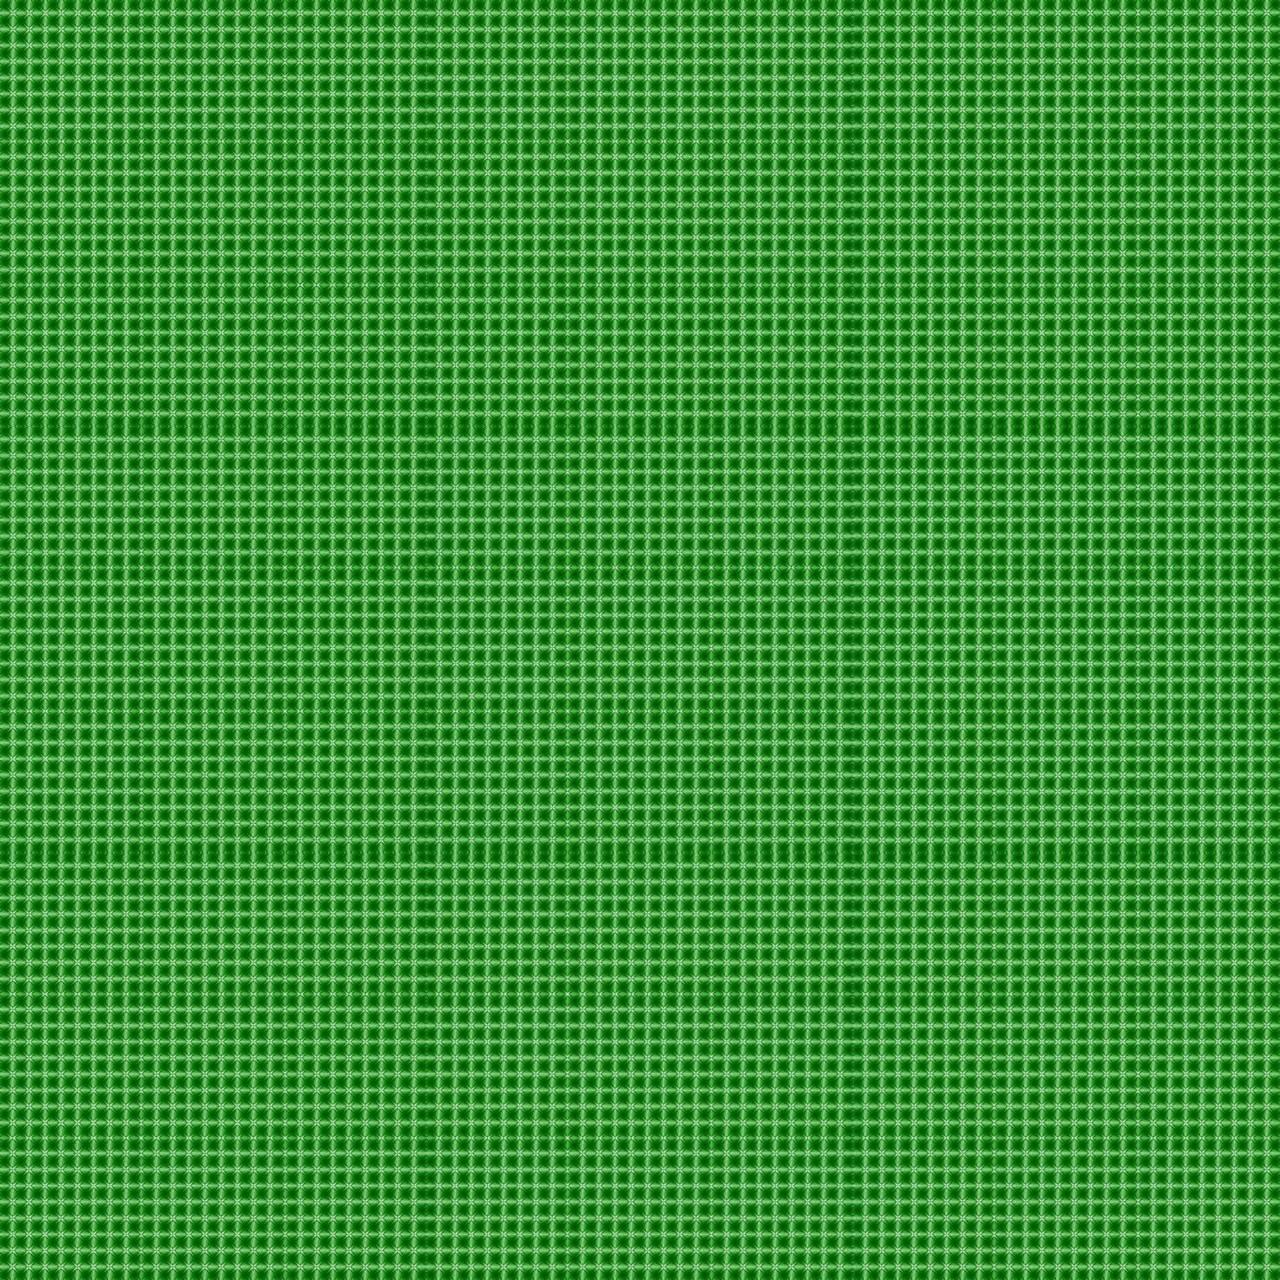 Tiled Wallpaper 9-4